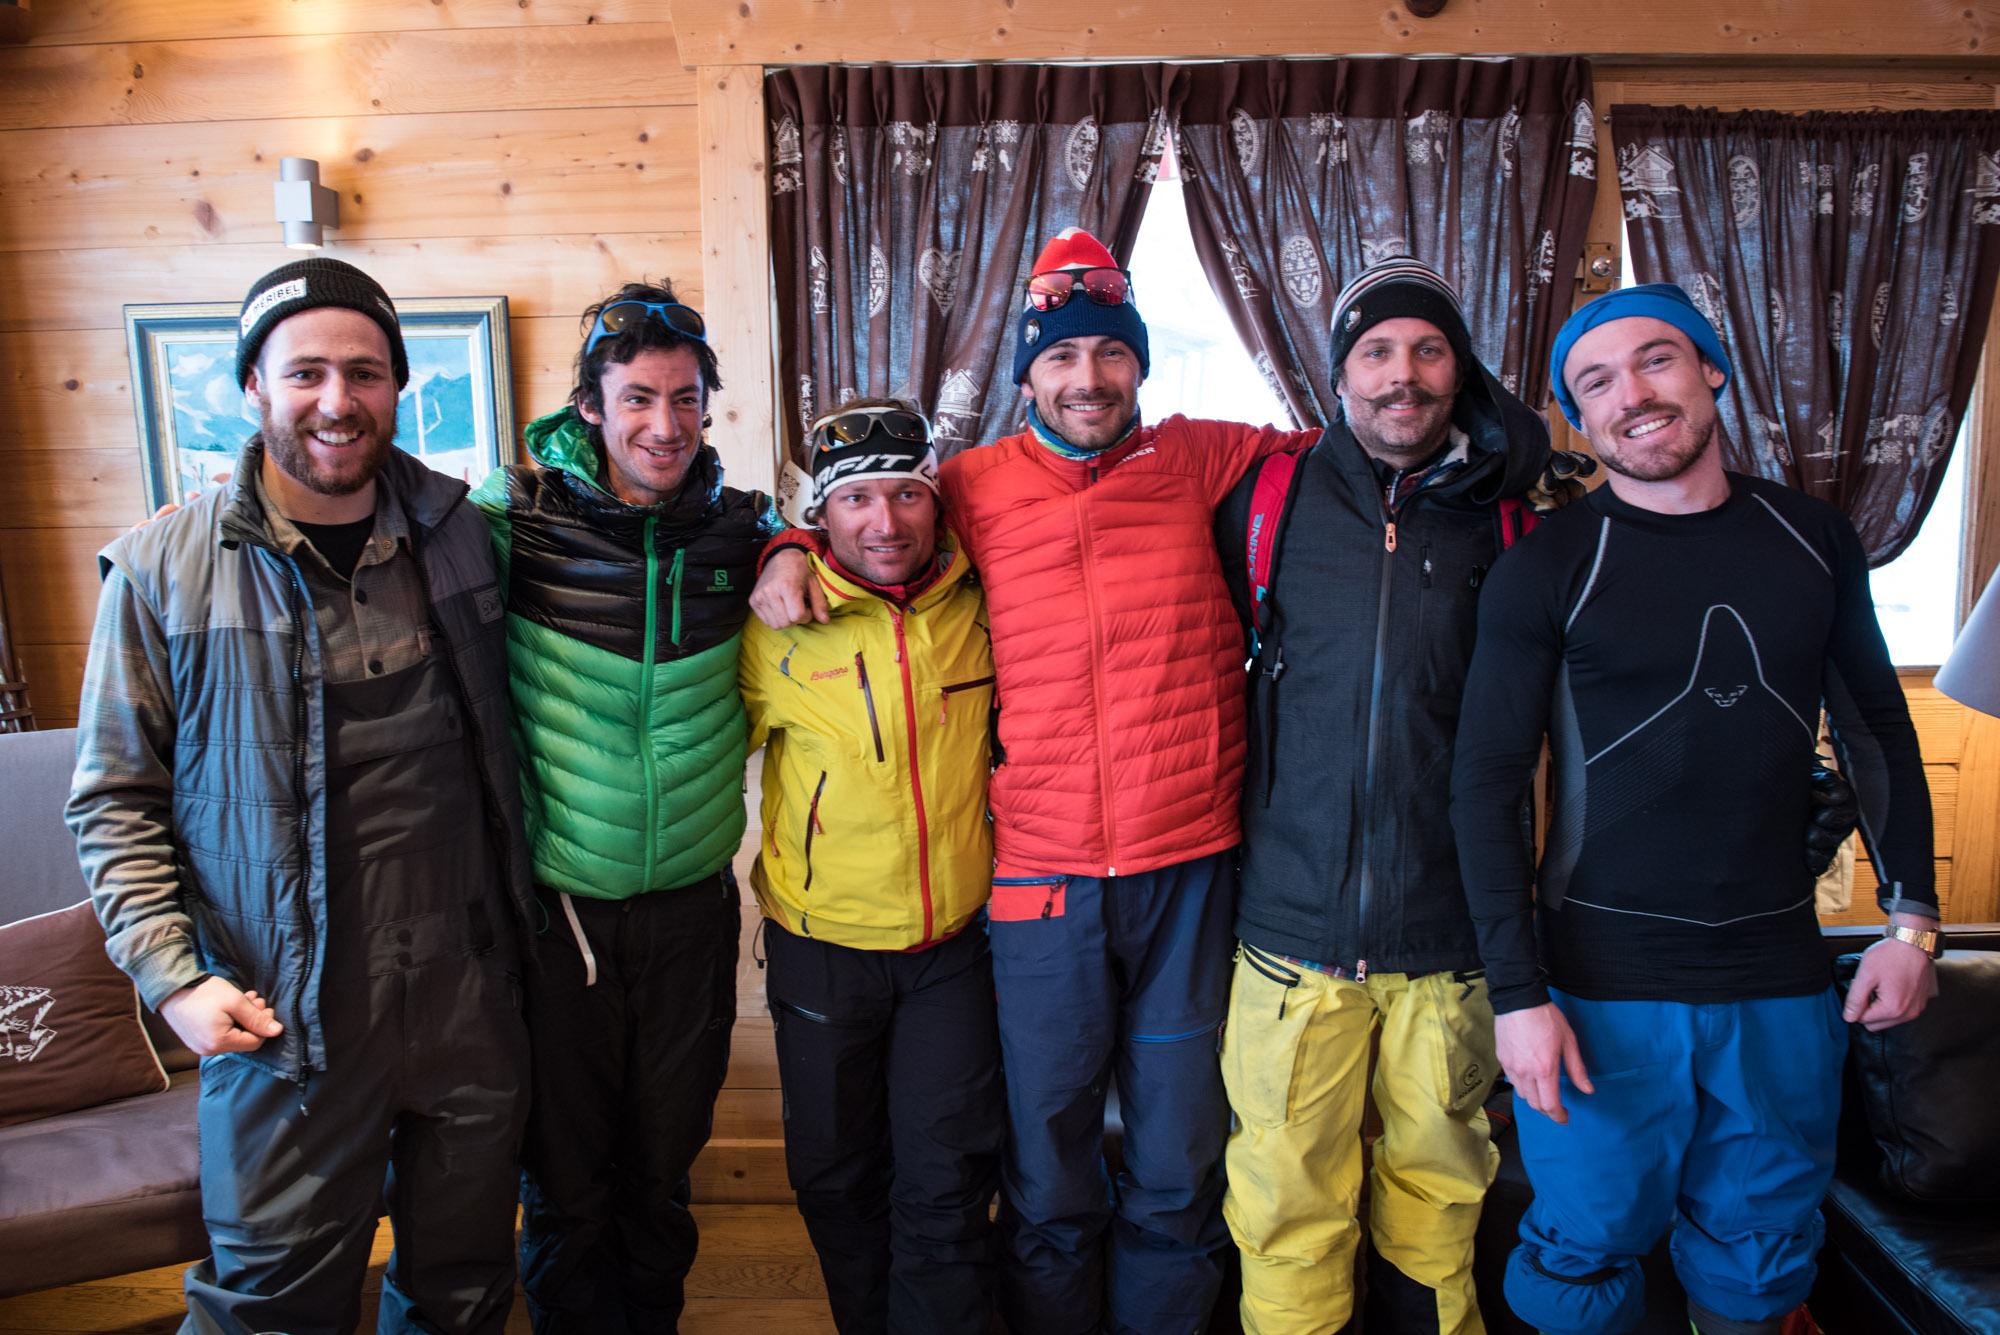 (de gauche à droite) Jeremy Prevost, Kilian Jornet, Cédric Pugin, Adrien Coirier, Mathieu Navillod ©Tim Nallet/CTC